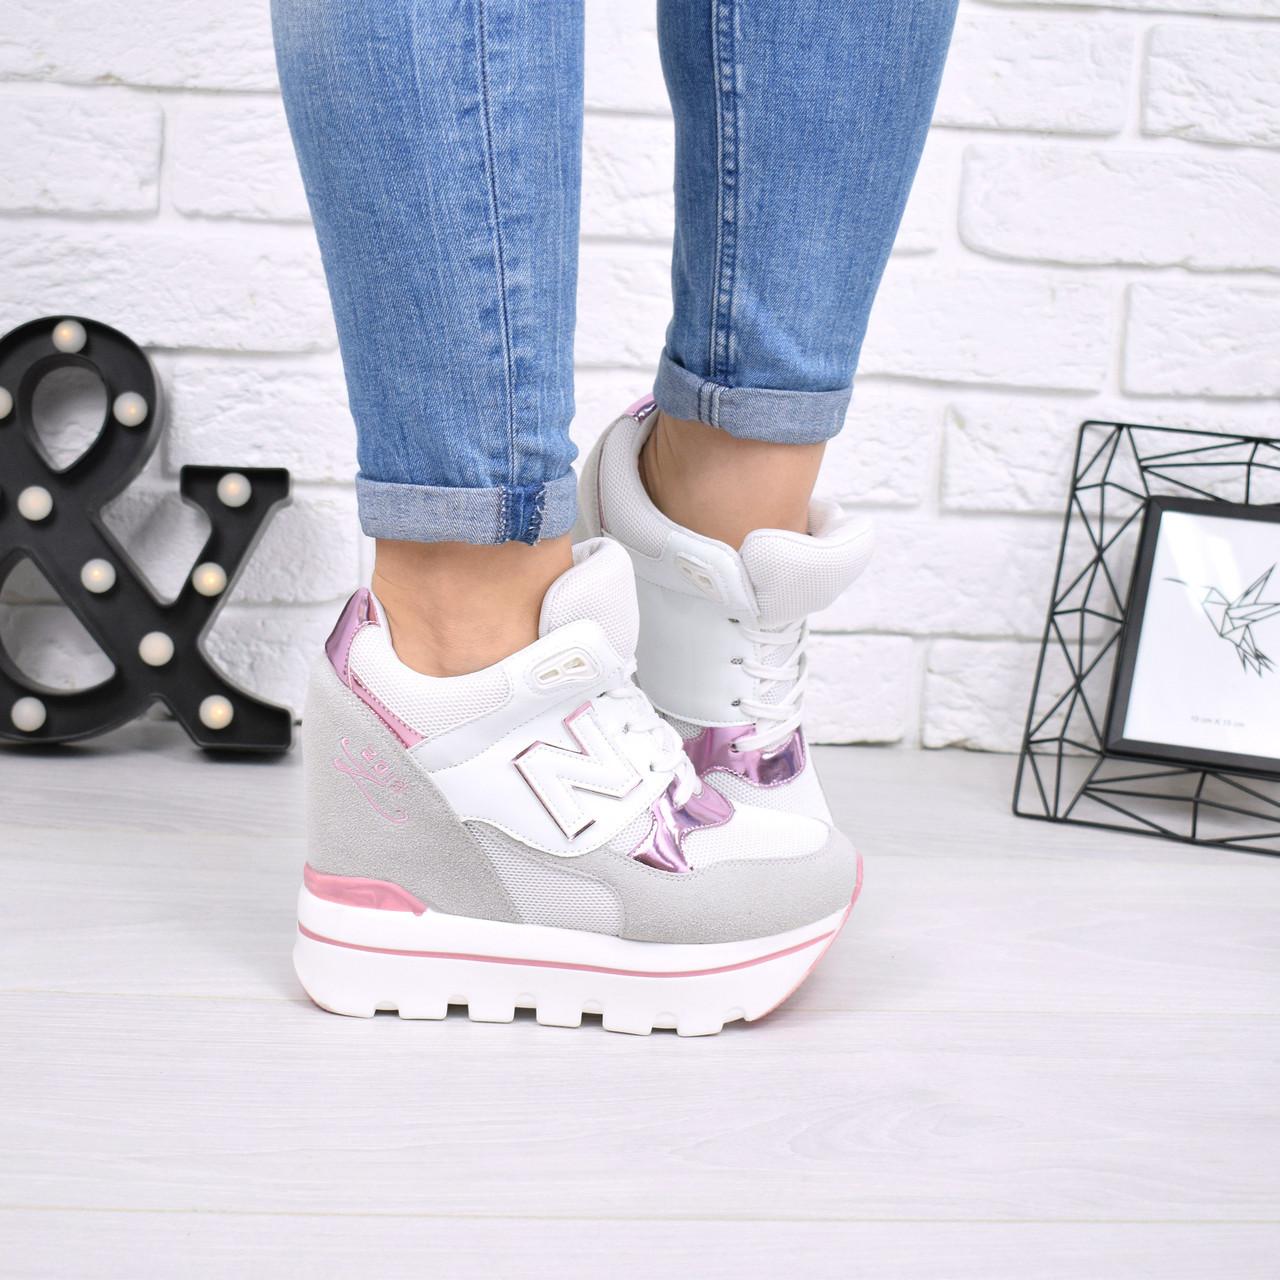 Кроссовки женские на платформе N белые с розовым 5037, спортивная обувь -  Интернет-магазин 30924b52ba2